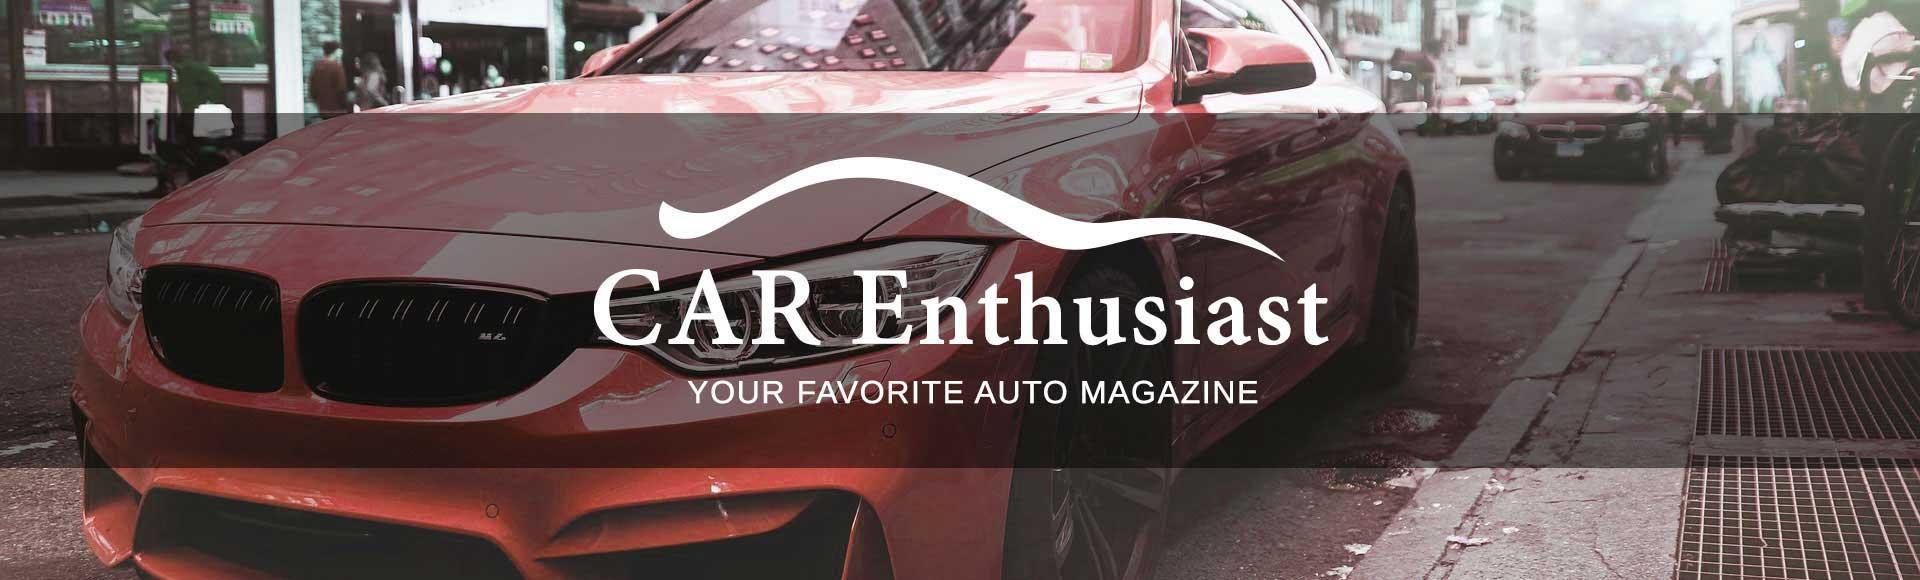 cars-header